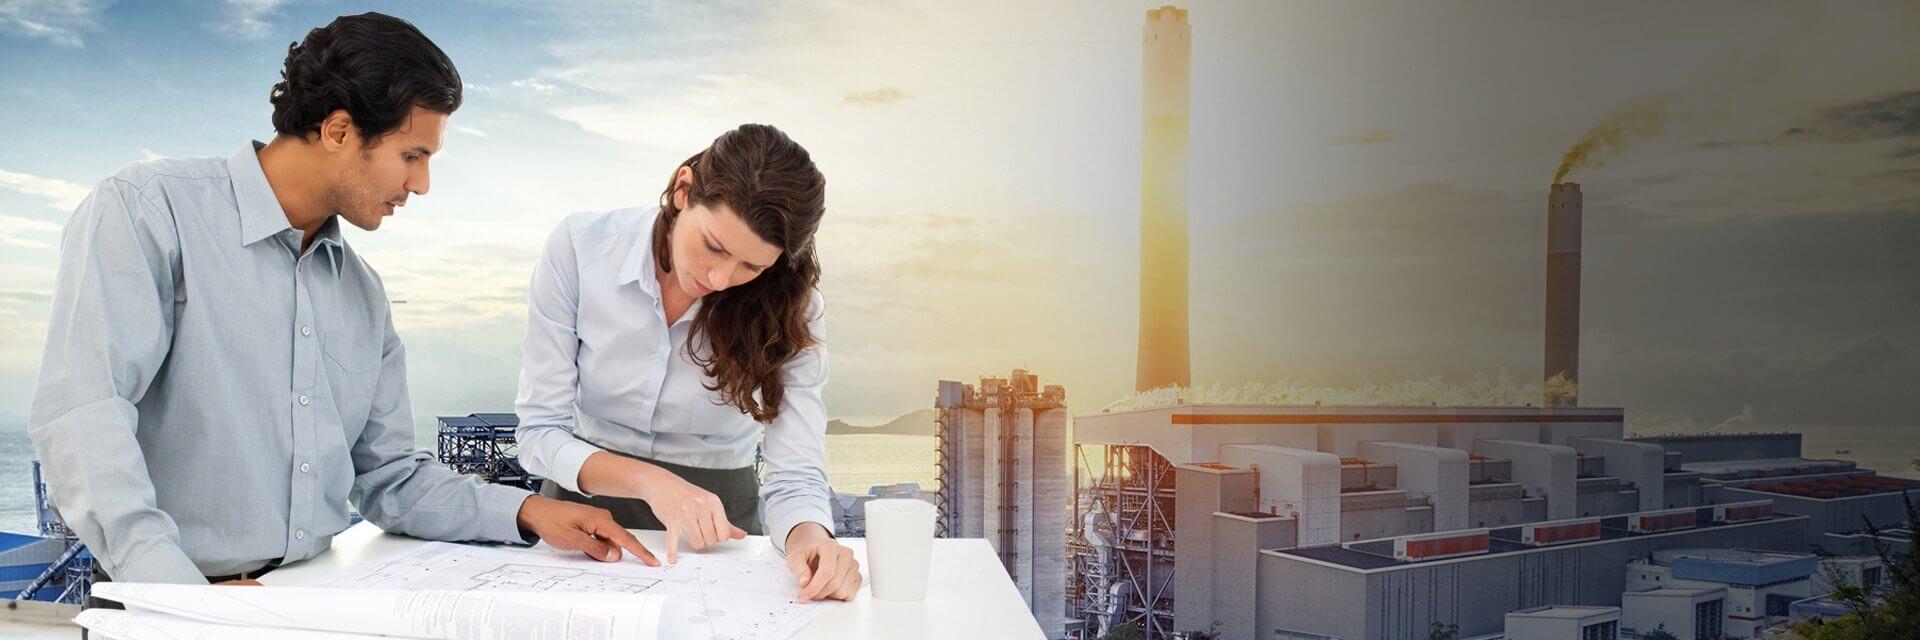 הכולל מהנדסים ואדריכלים מומחים בעלי ניסיון רב בעולם השמאות